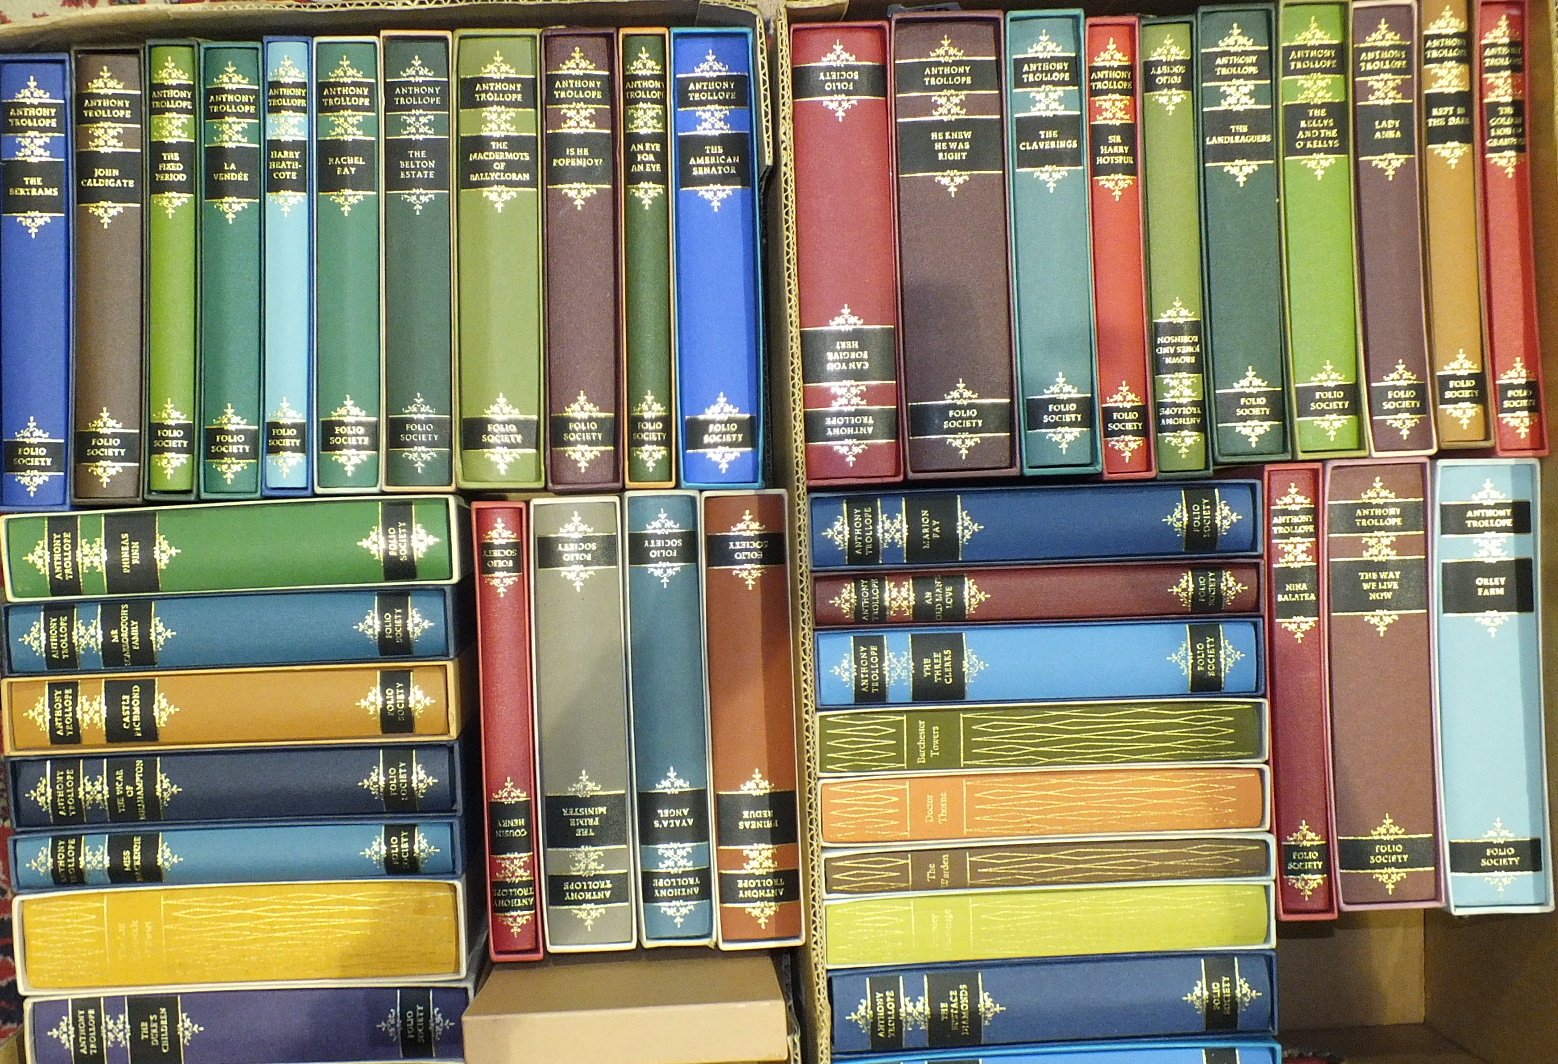 Lot 48 - Trollope (Anthony), Works, 47 vols, plts, hf cl gt, 8vo slipcase, c1990, Folio Society, (47).